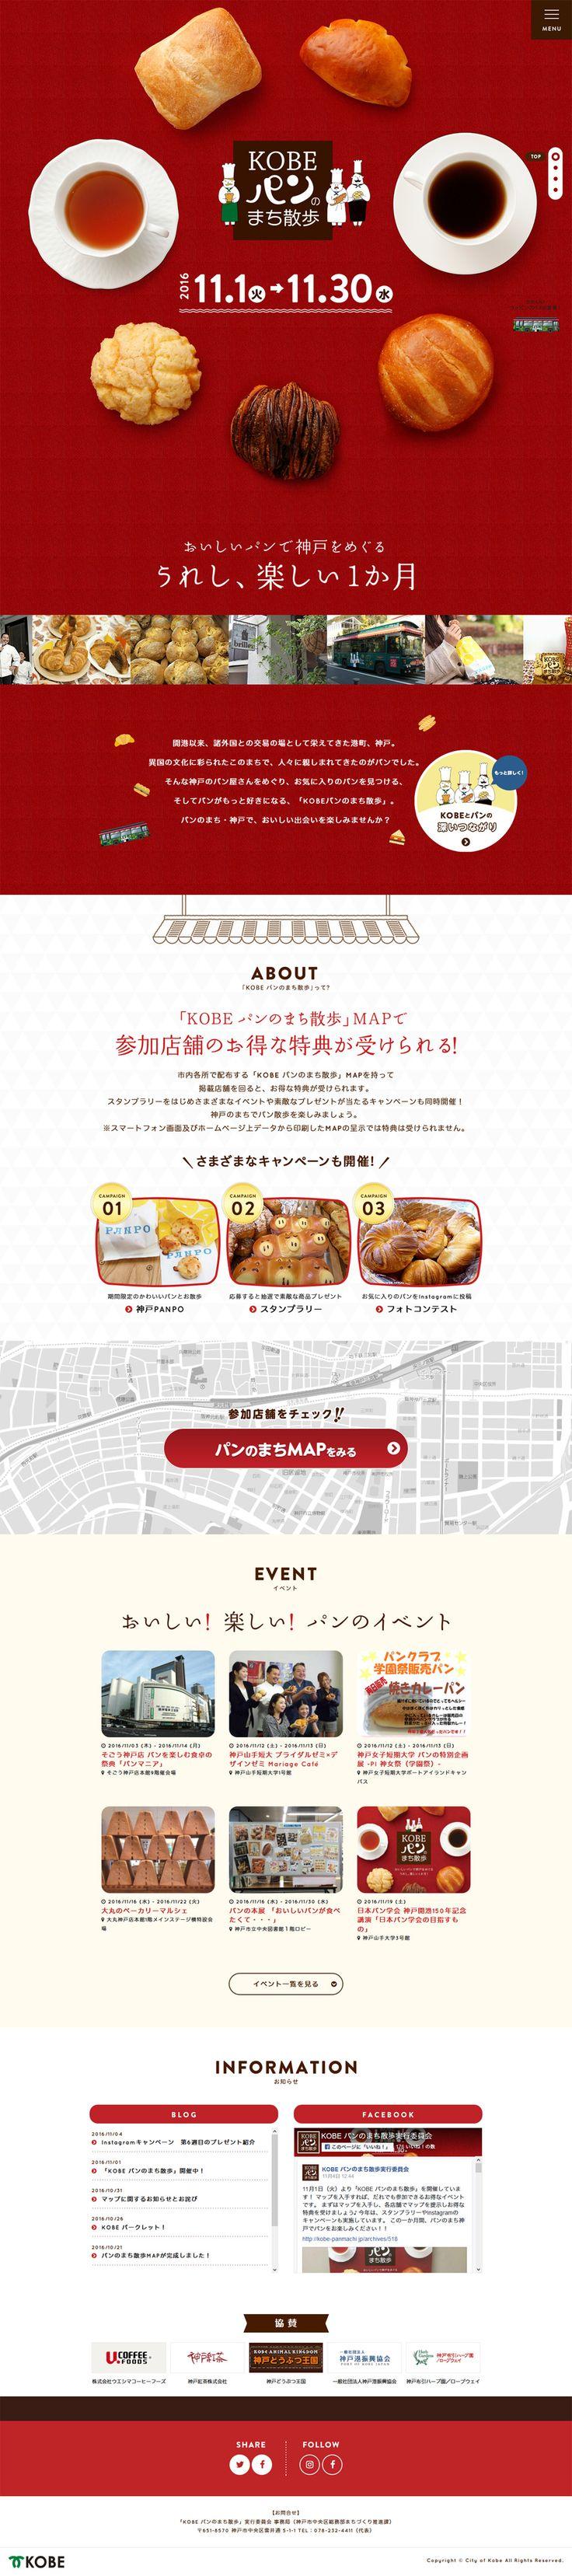 KOBE パンのまち散歩【食品関連】のLPデザイン。WEBデザイナーさん必見!ランディングページのデザイン参考に(キレイ系)